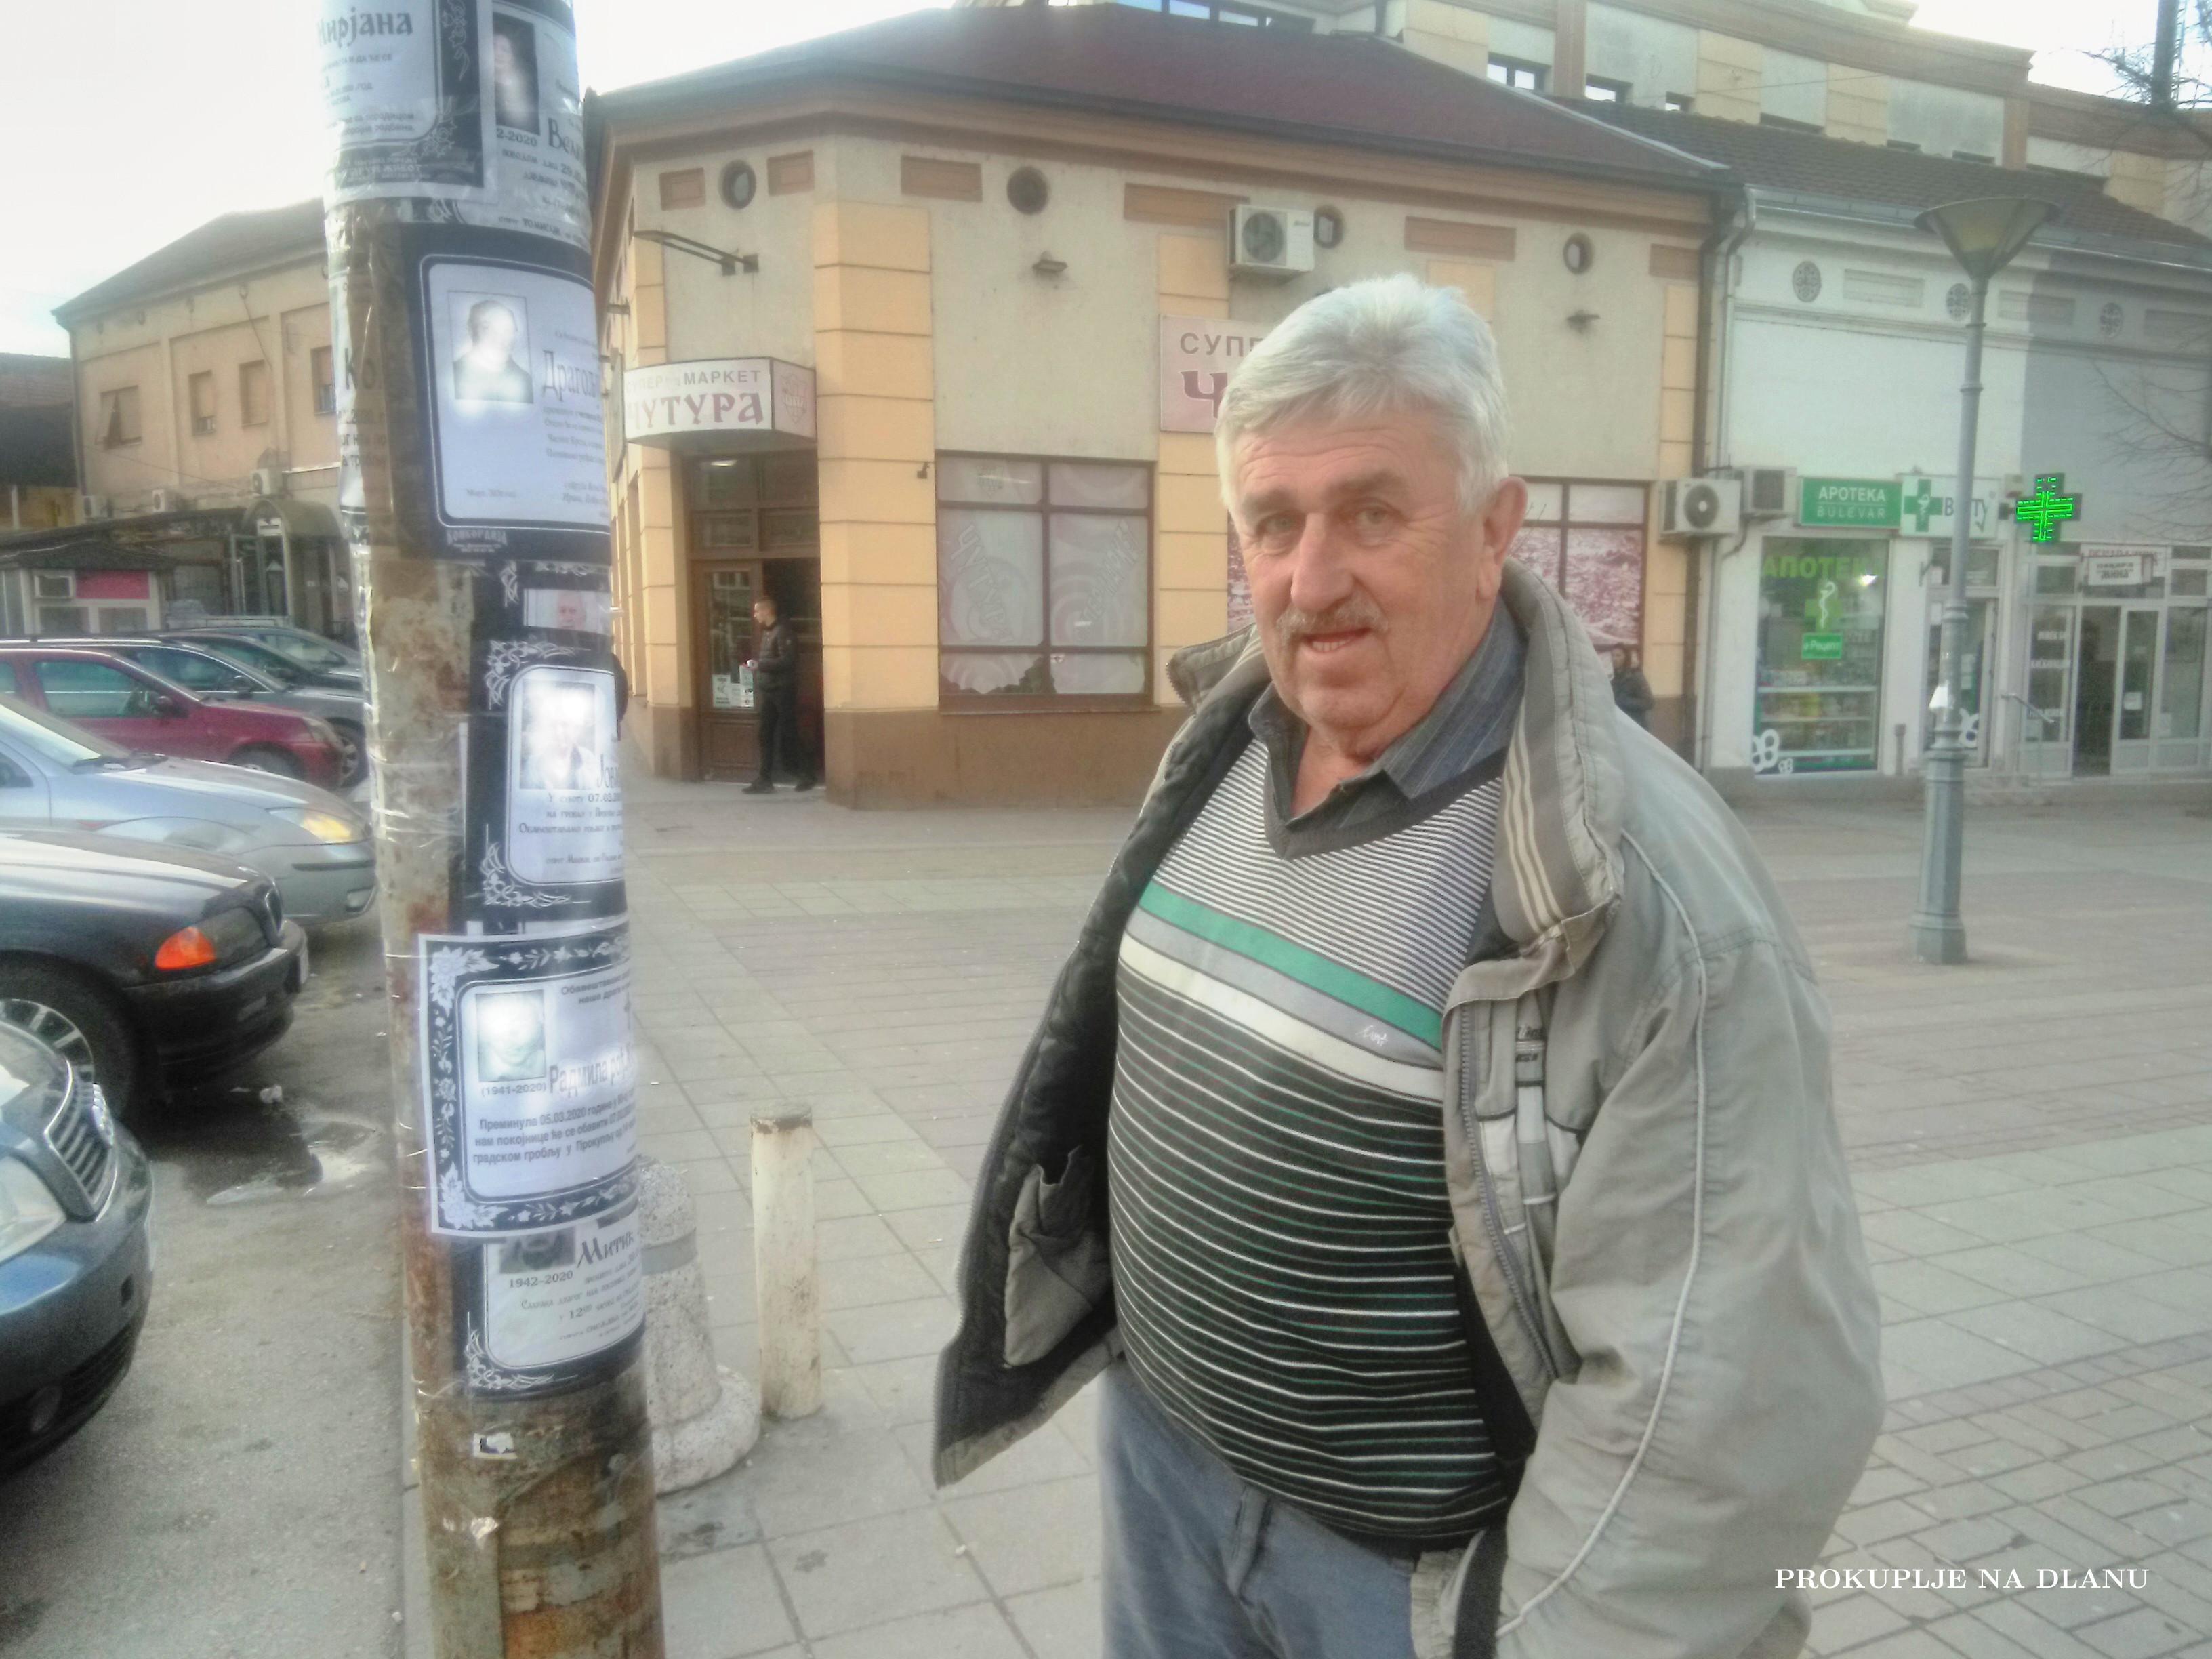 ДРАГОЉУБ МИЈАЛКОВИЋ ПИВАЦ: БАНДЕРА ЈЕ ПЕНЗИОНЕРСКИ ФЕЈСБУК